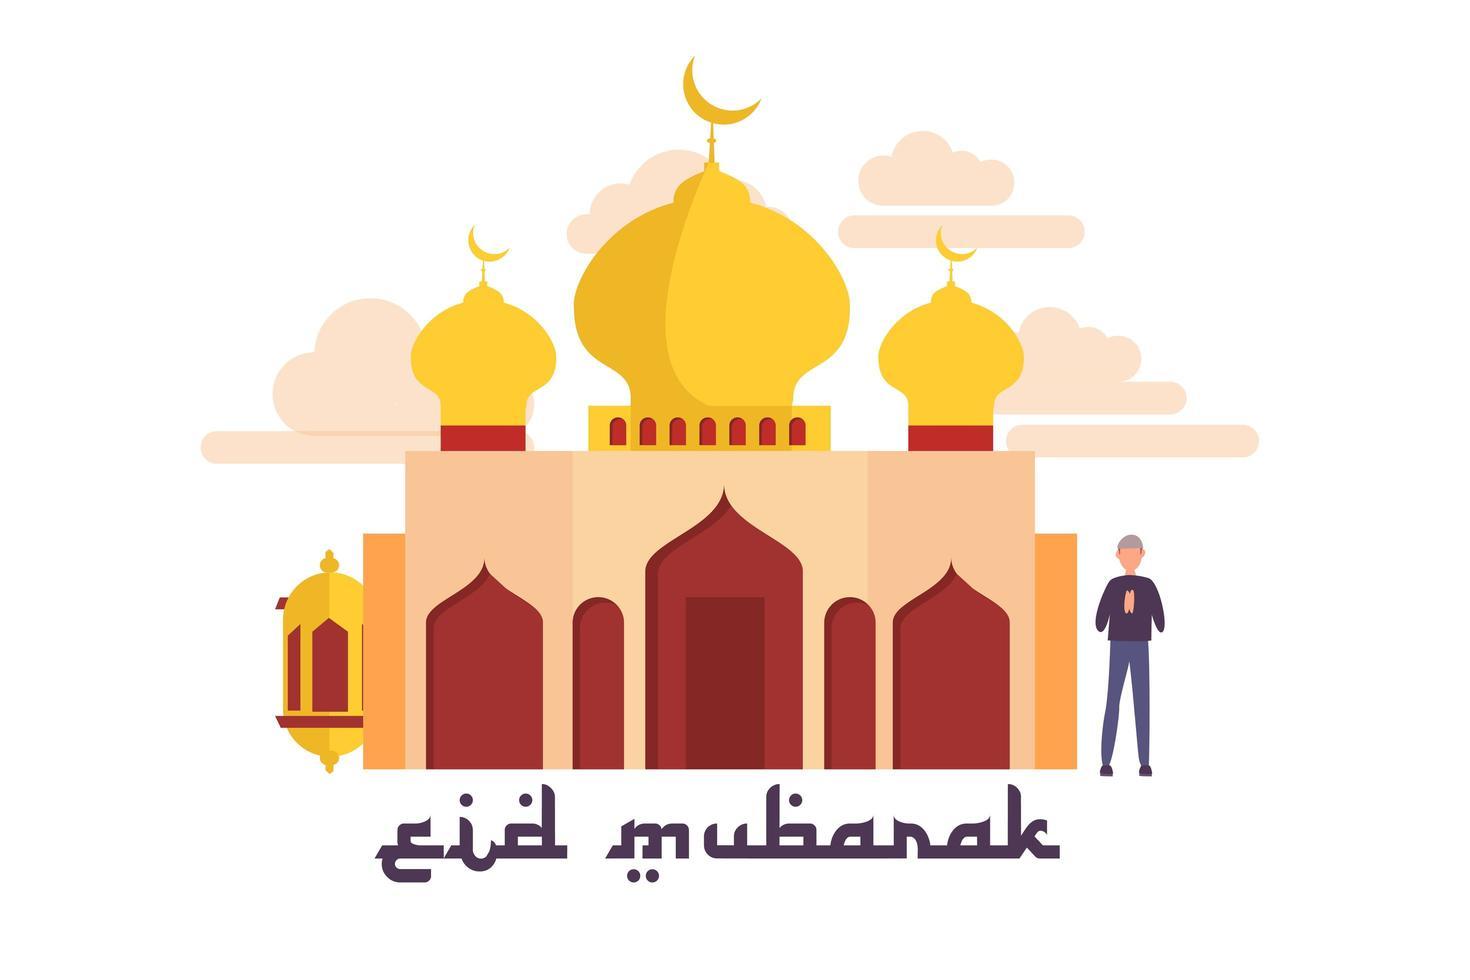 felice design ramadan con persona accanto alla moschea vettore